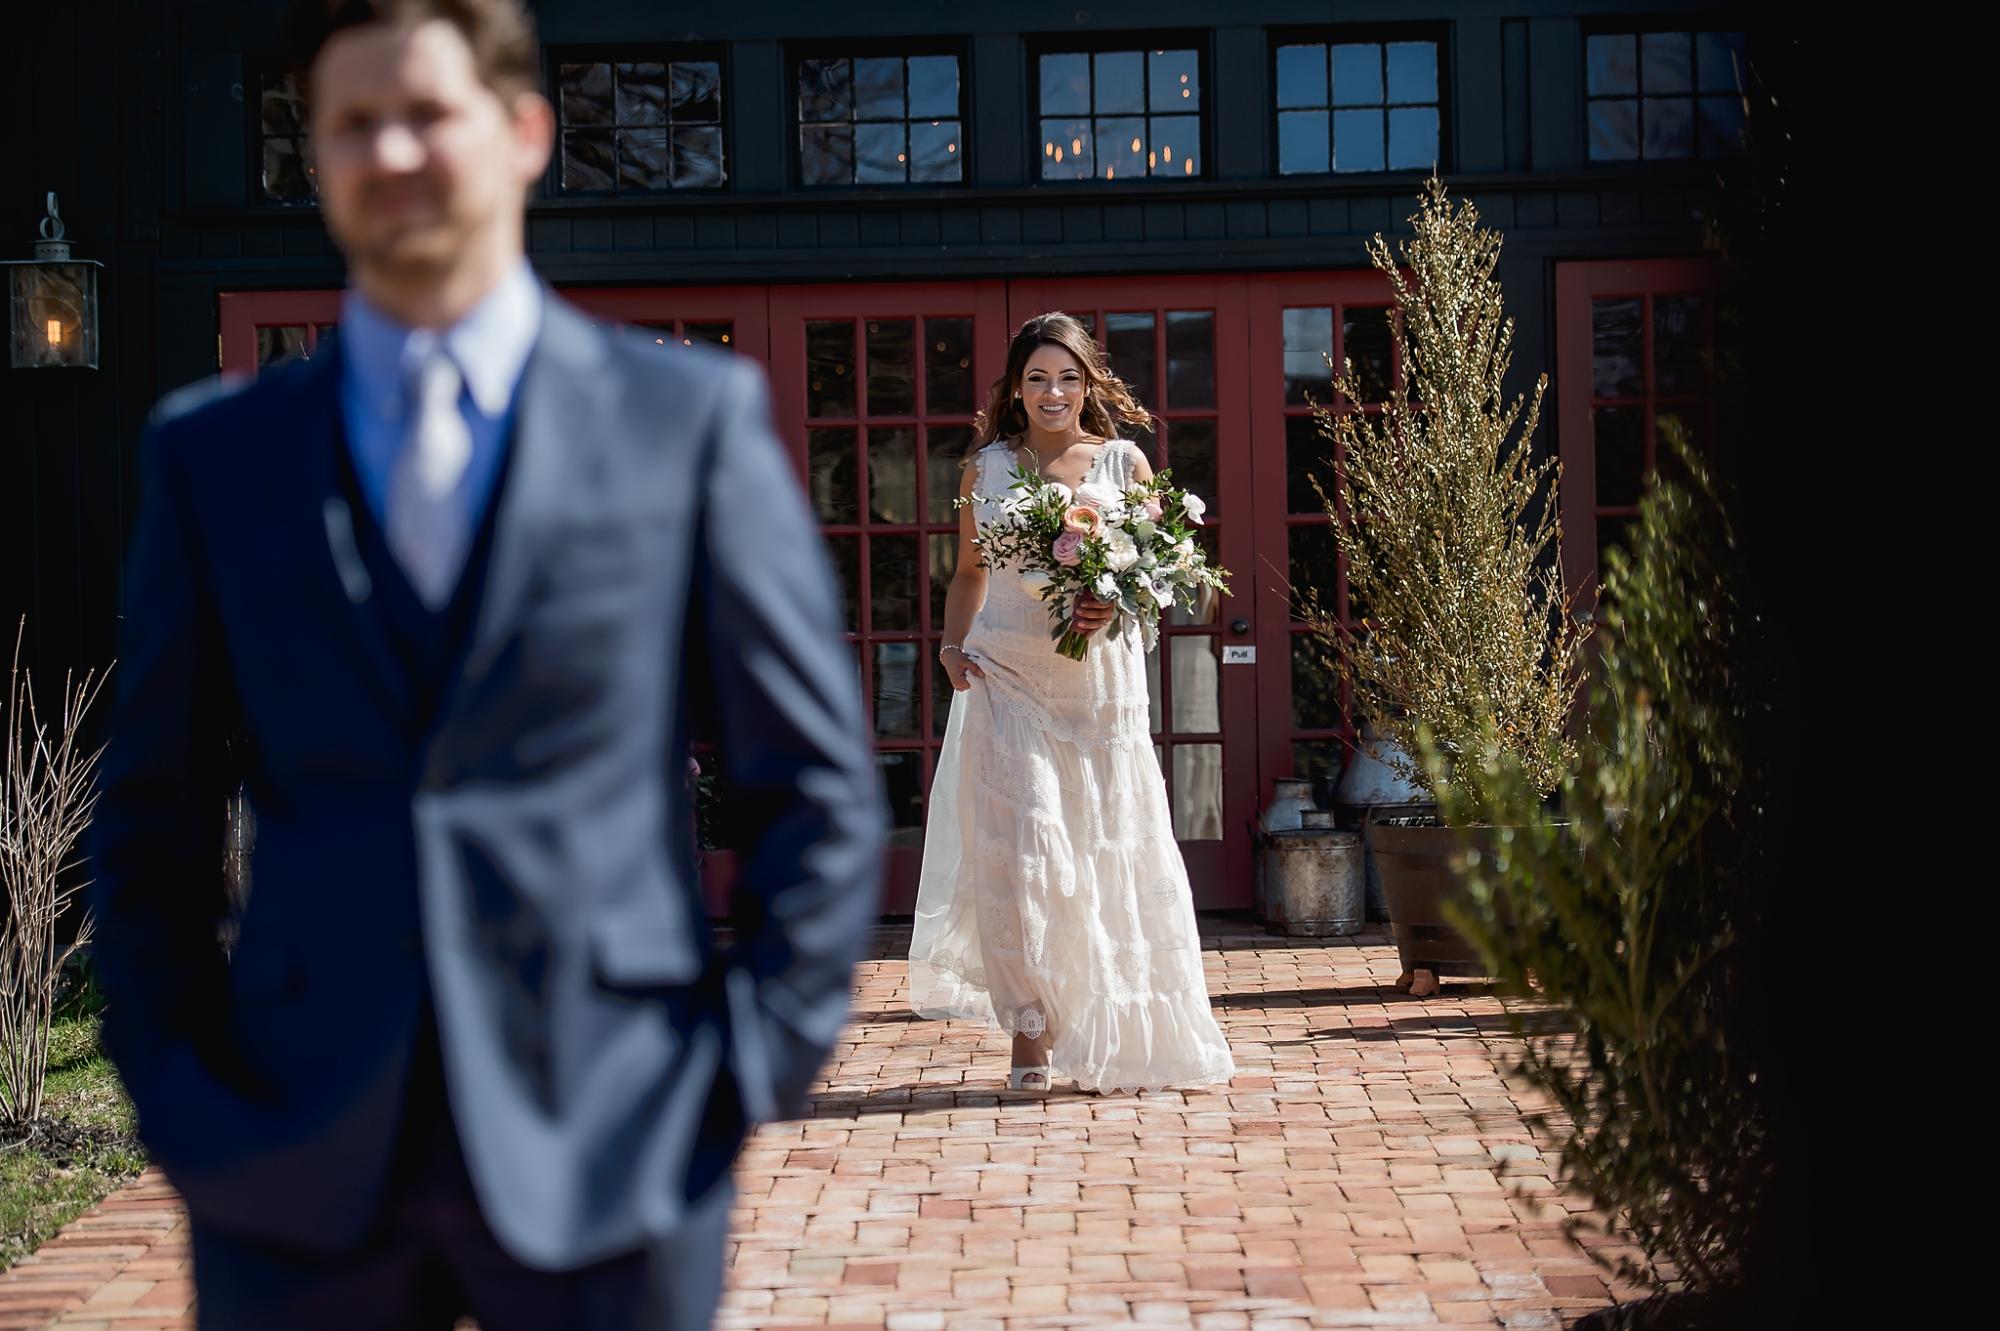 Jacks-Barn-Wedding-Photography12